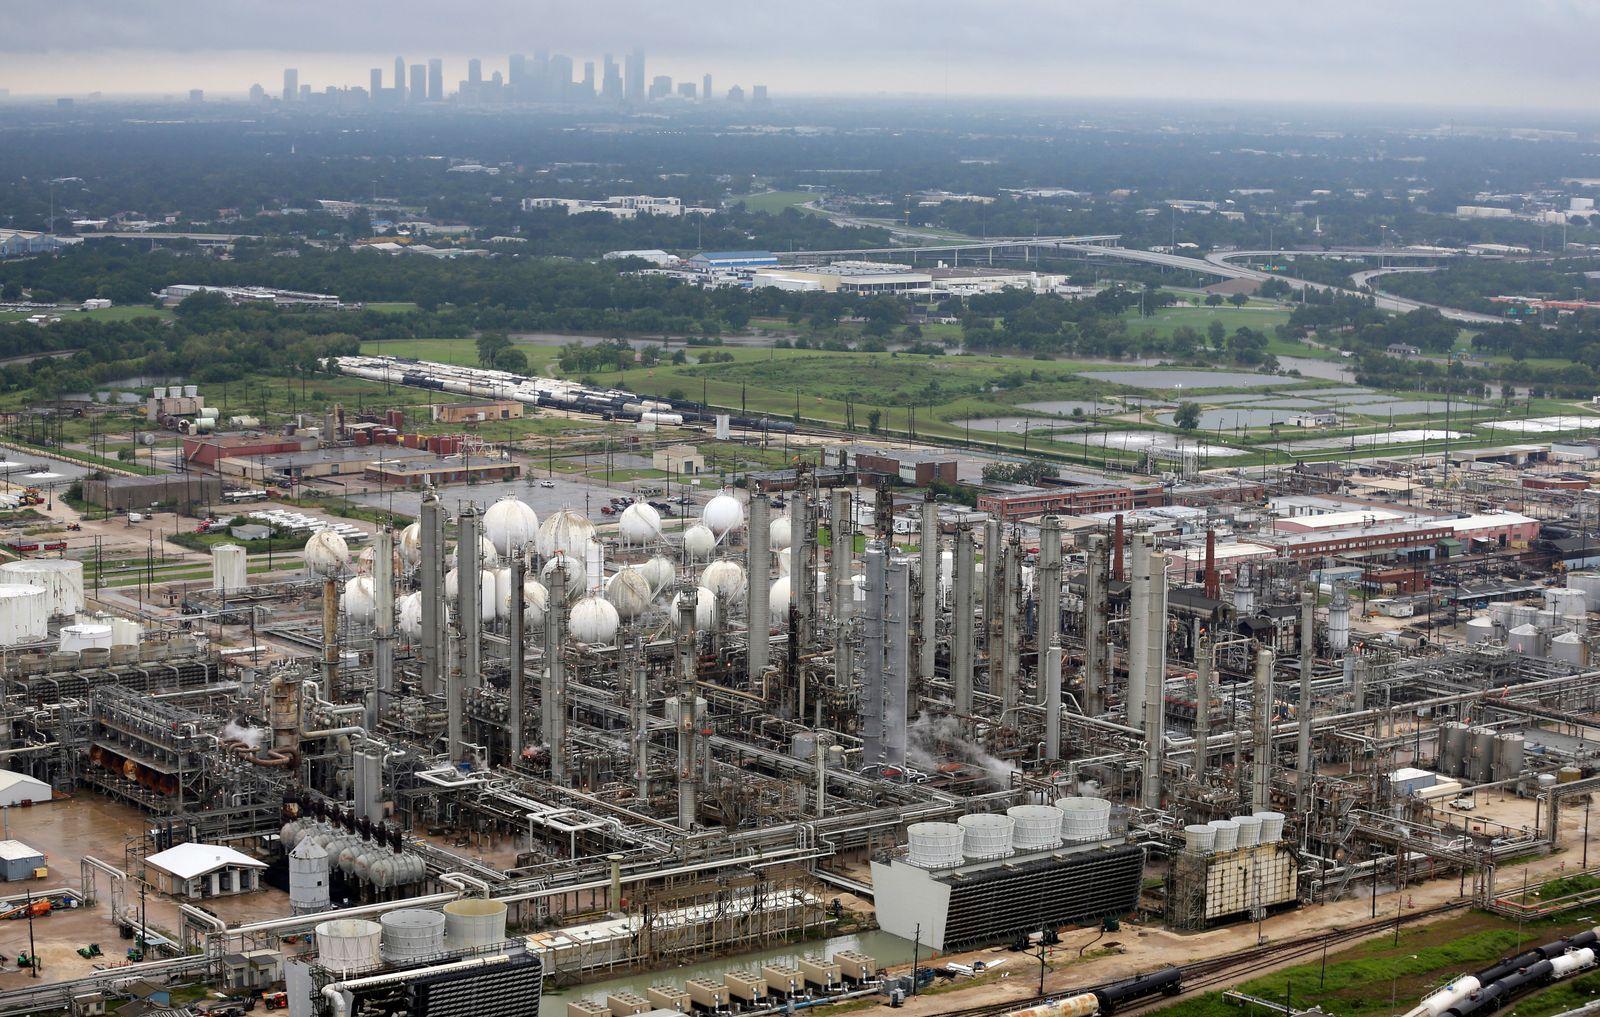 TPC petrochemical plant